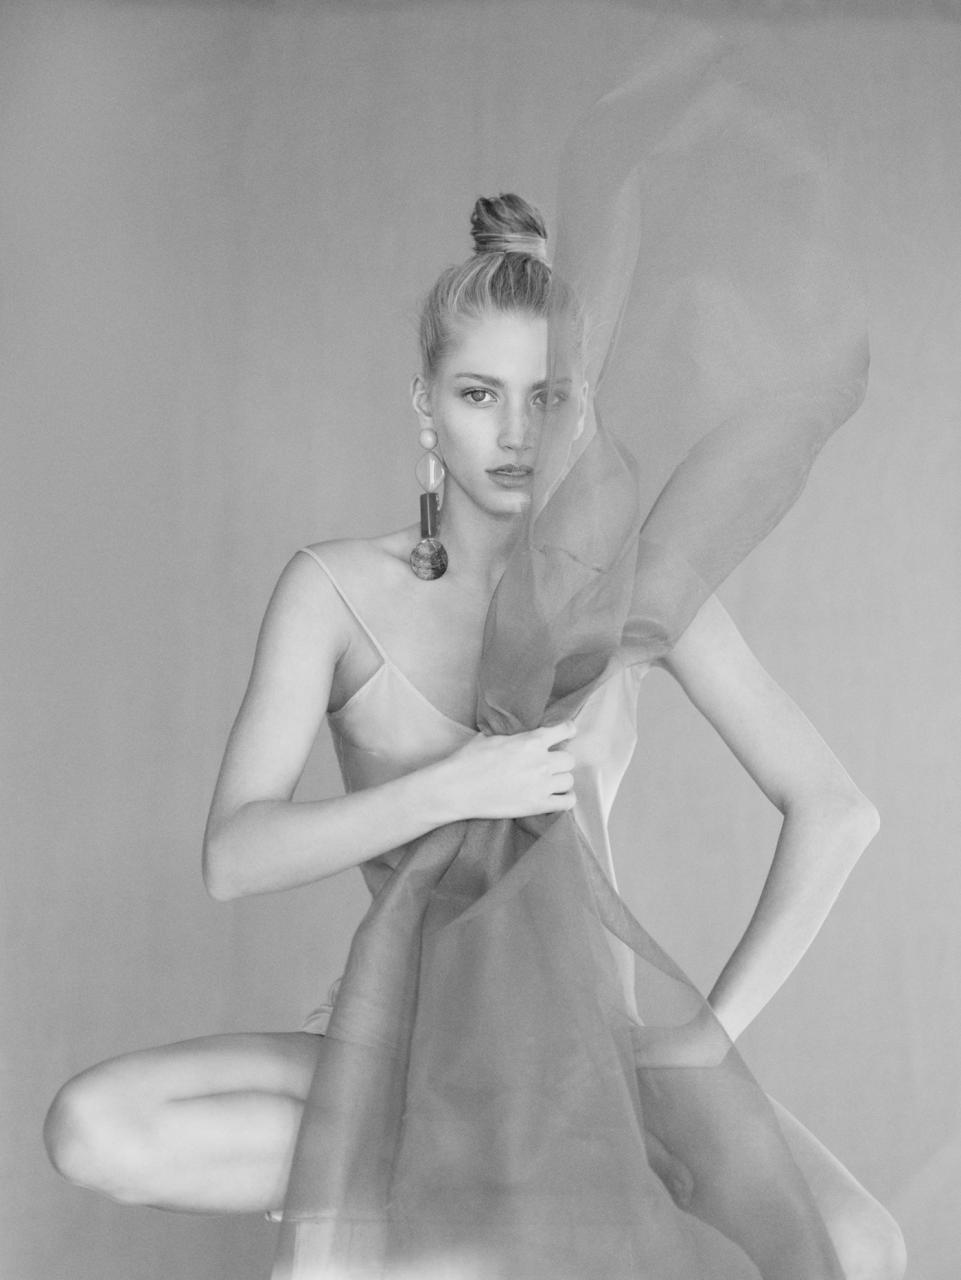 俄罗斯摄影师Elena Iv-skaya 人像摄影作品 审美灵感 第8张